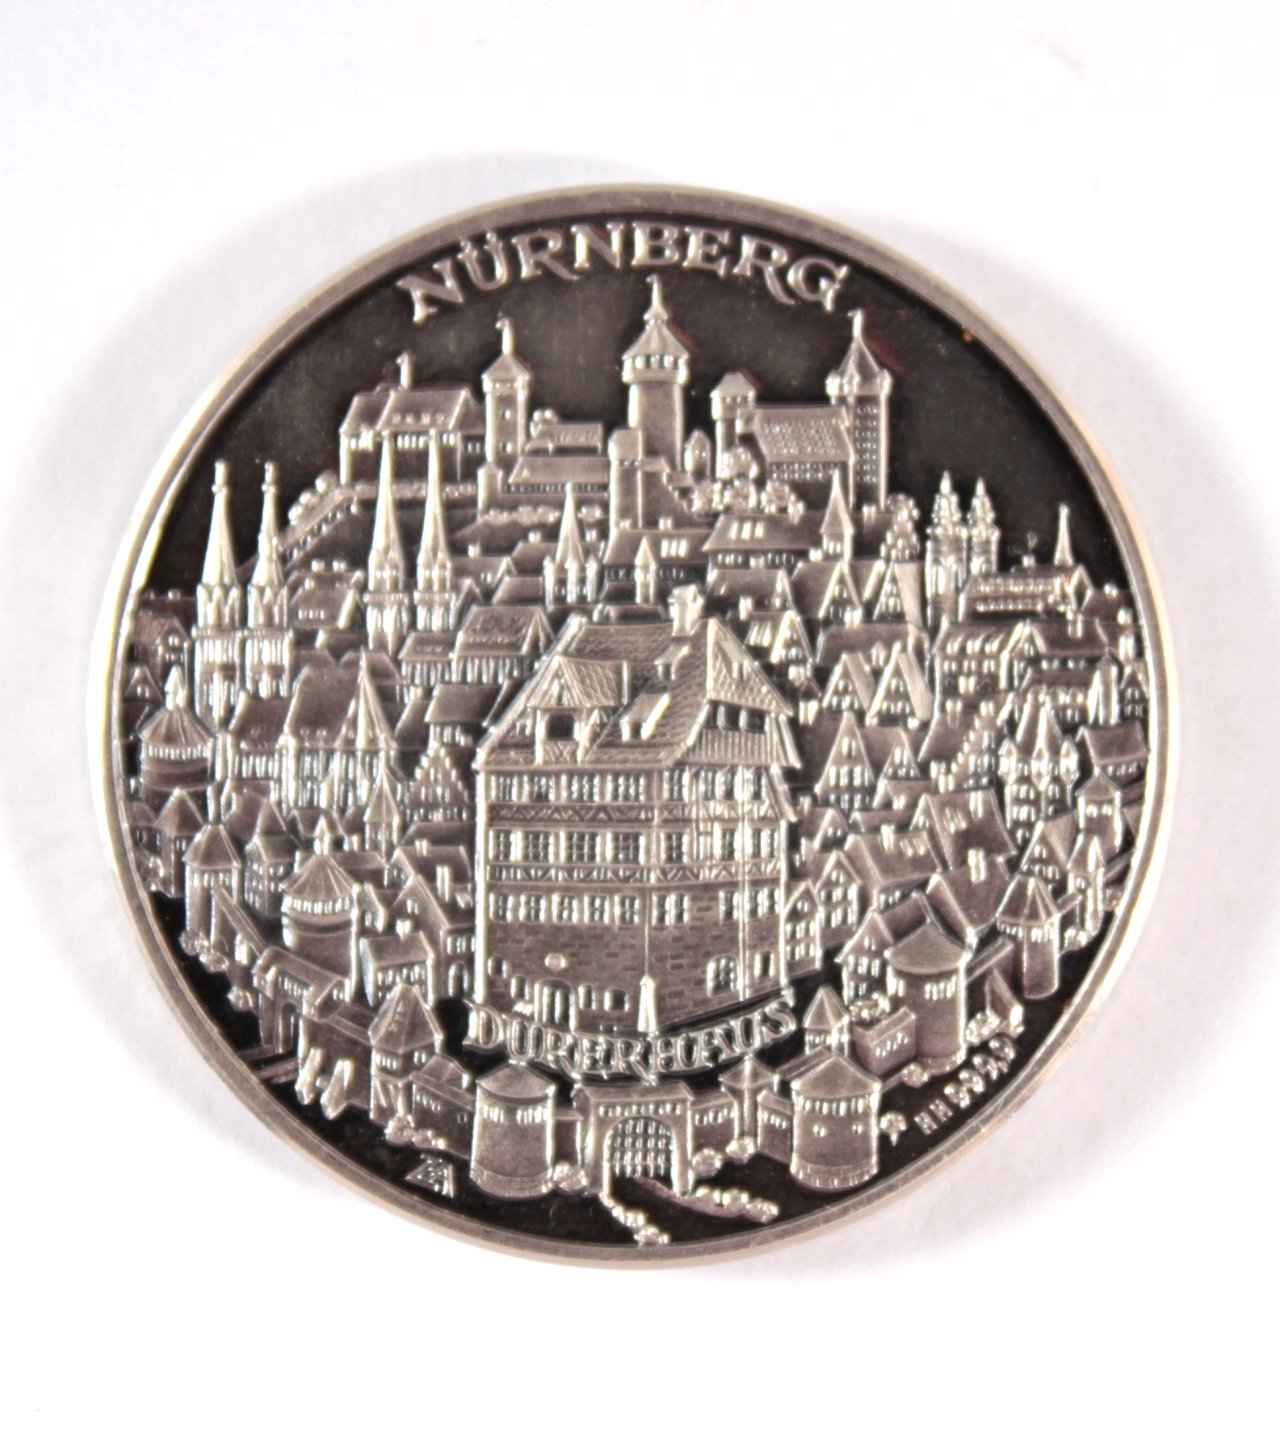 Silber Medaille 500 Jahre Albrecht Dürer, 1471-1971-1